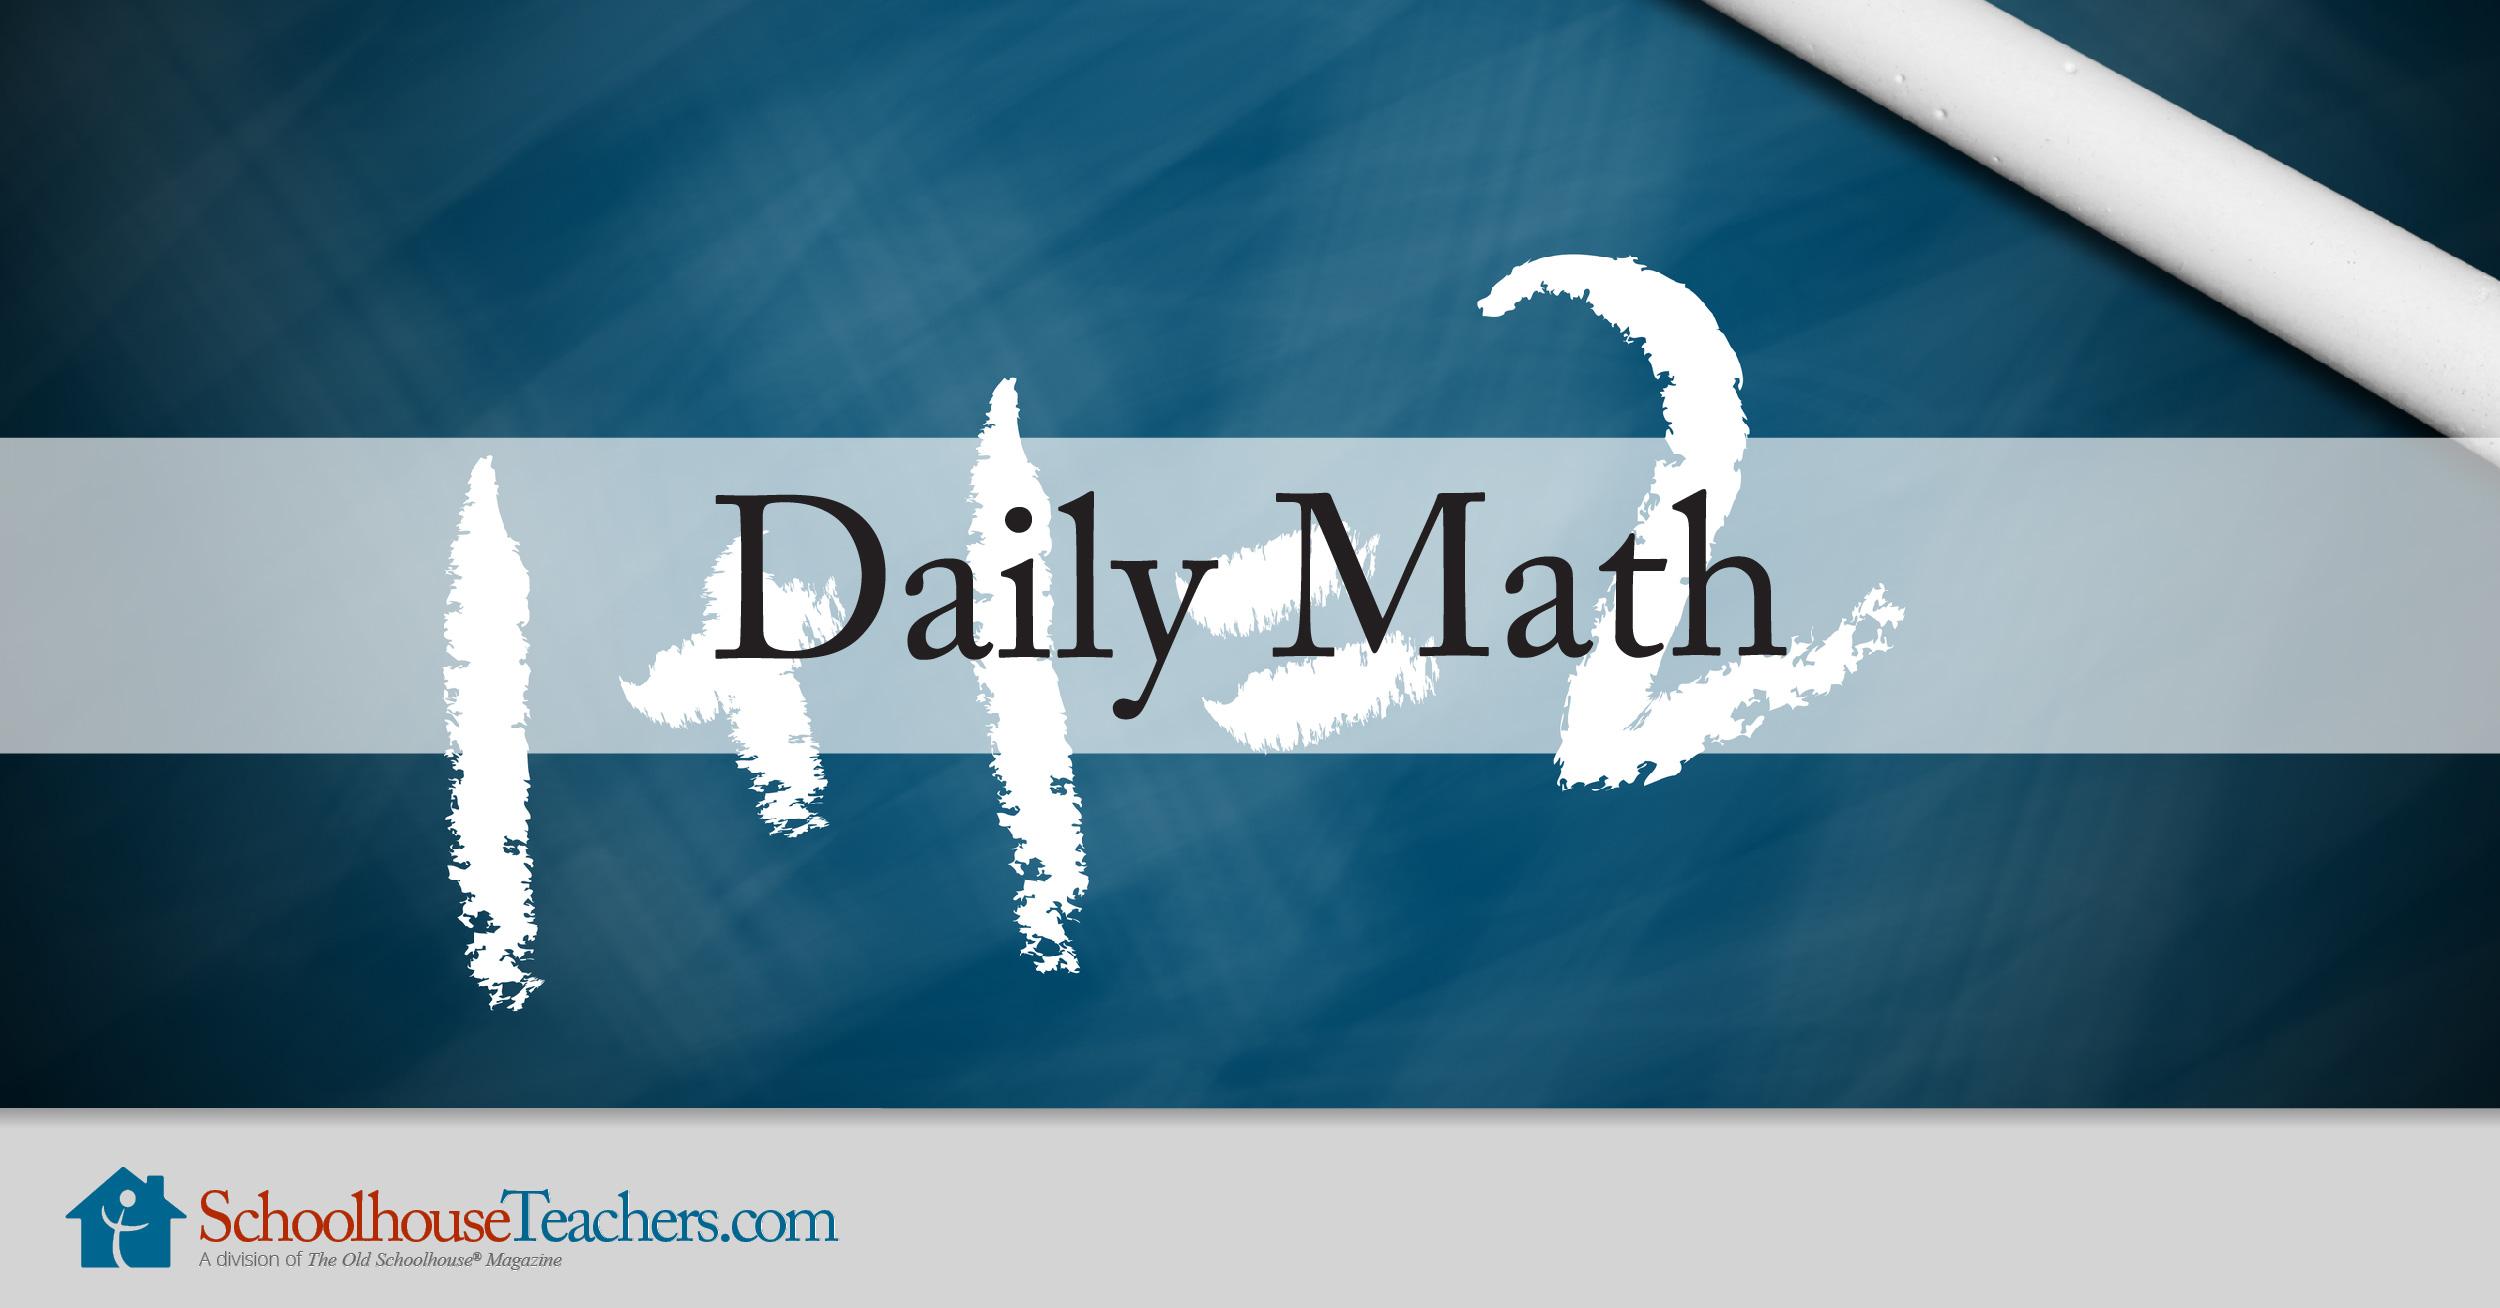 Daily Math - SchoolhouseTeachers.com